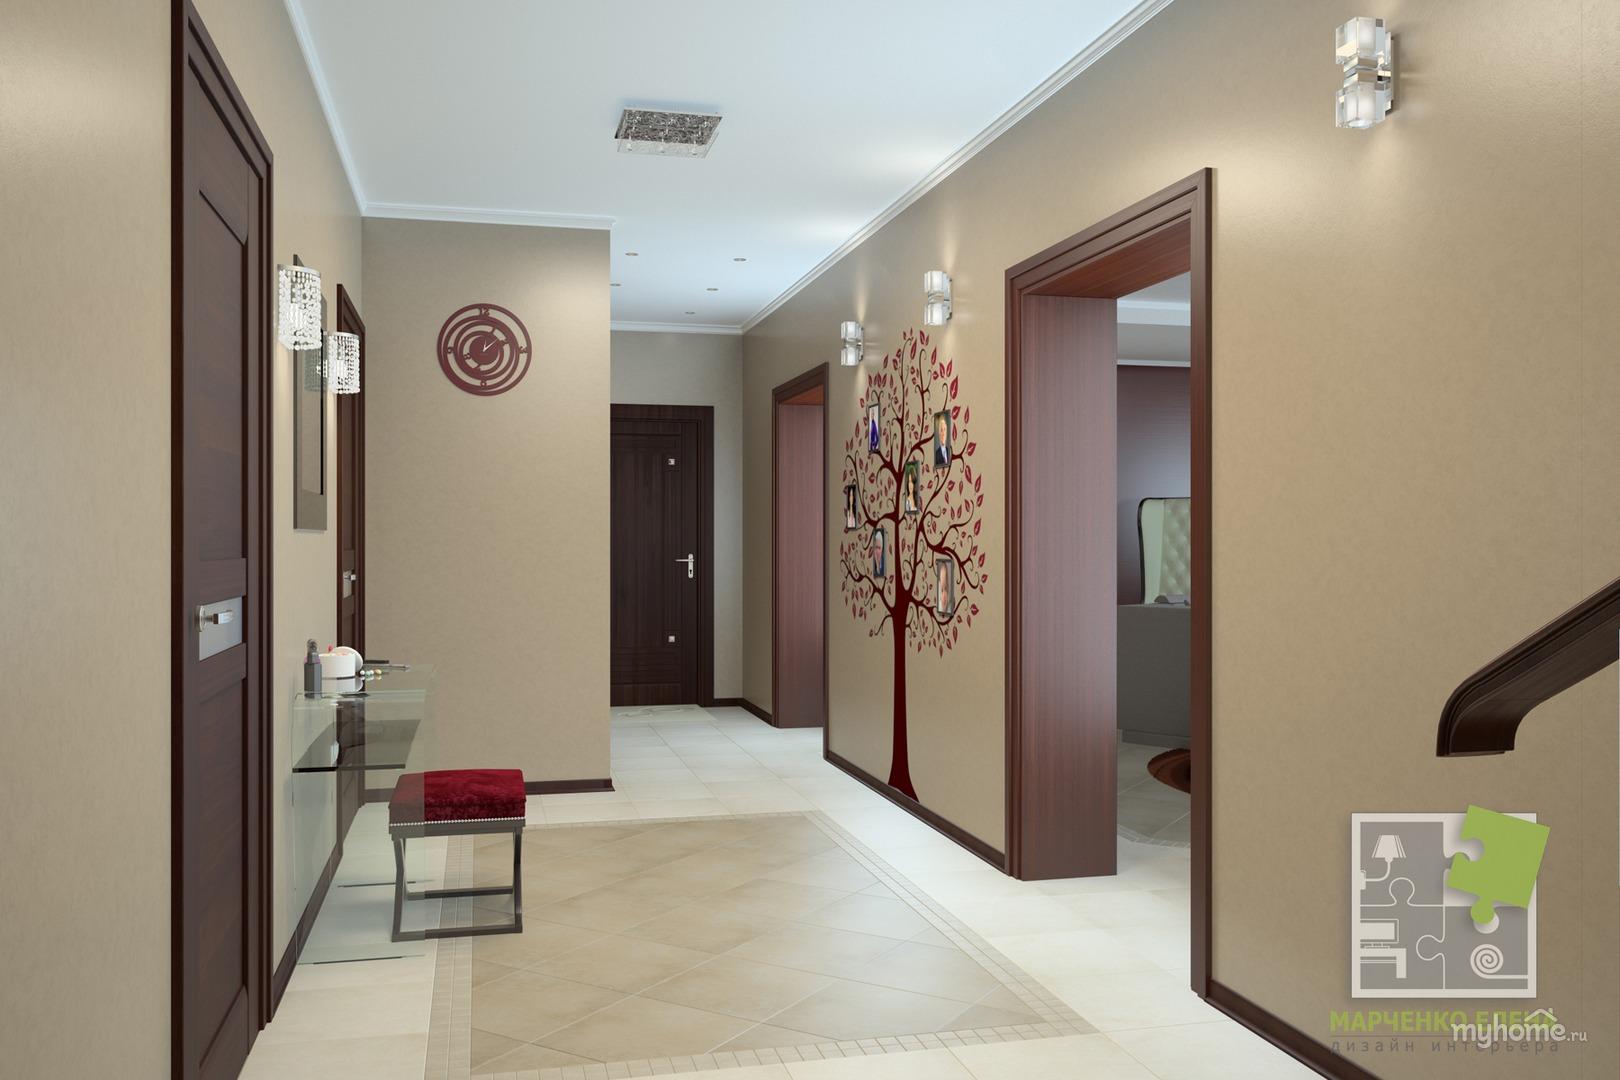 Фото дизайна маленького коридора однокомнатной квартиры